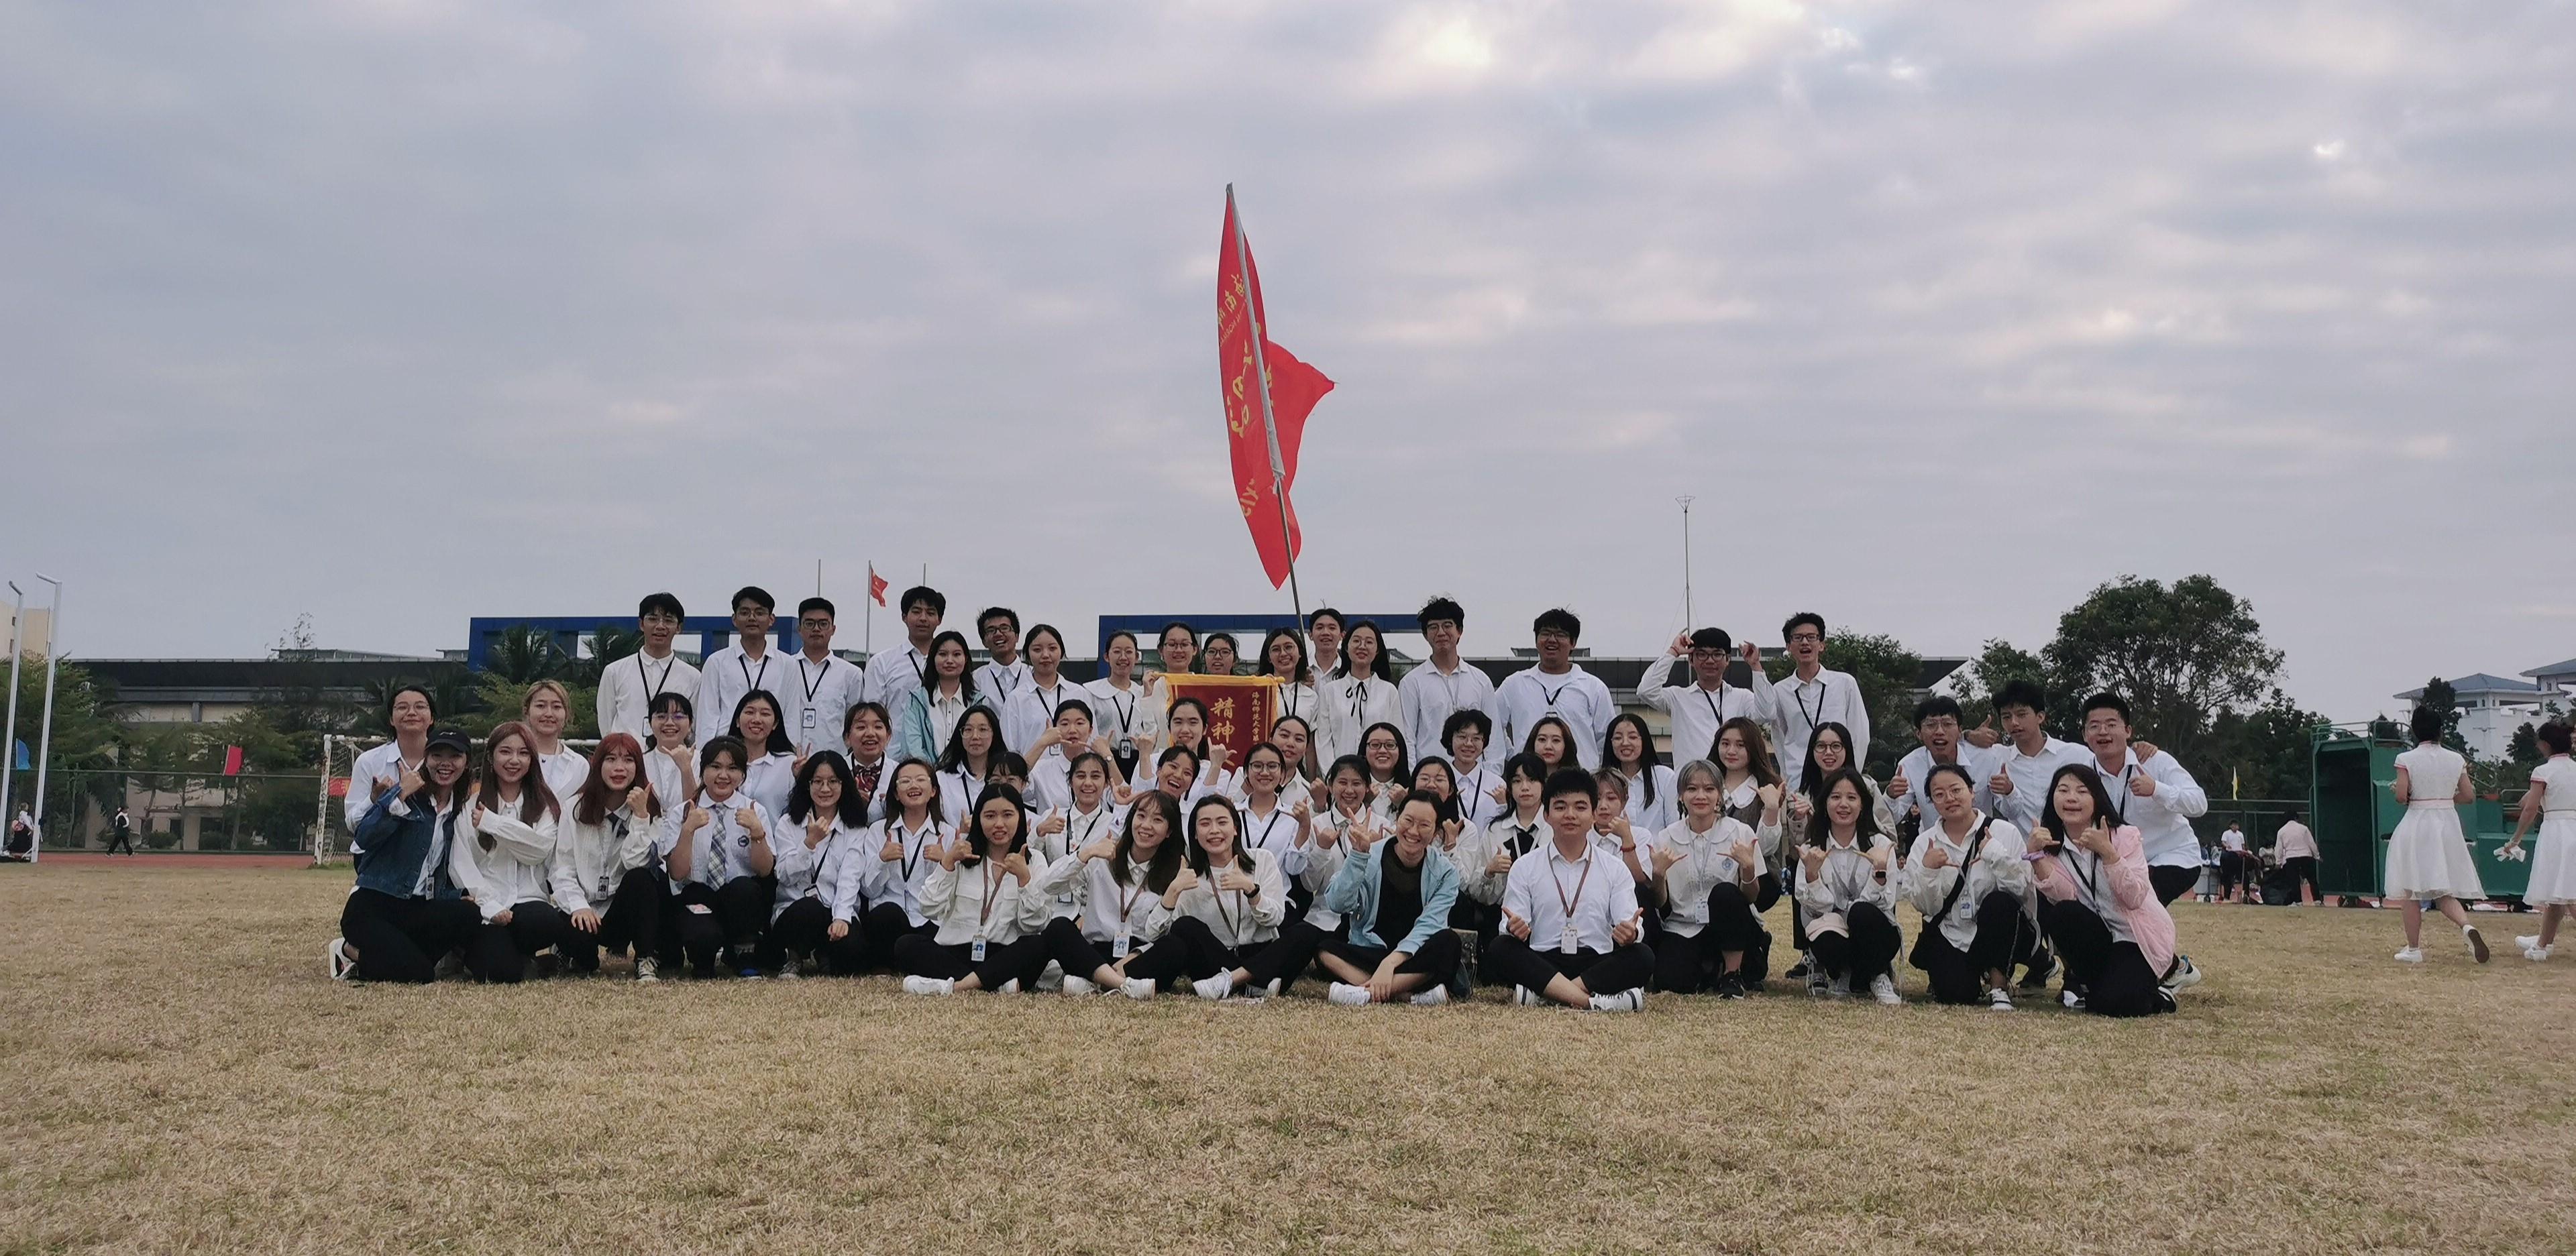 青年之声・马克思主义学院在第三十七届校运动会取得优异成绩